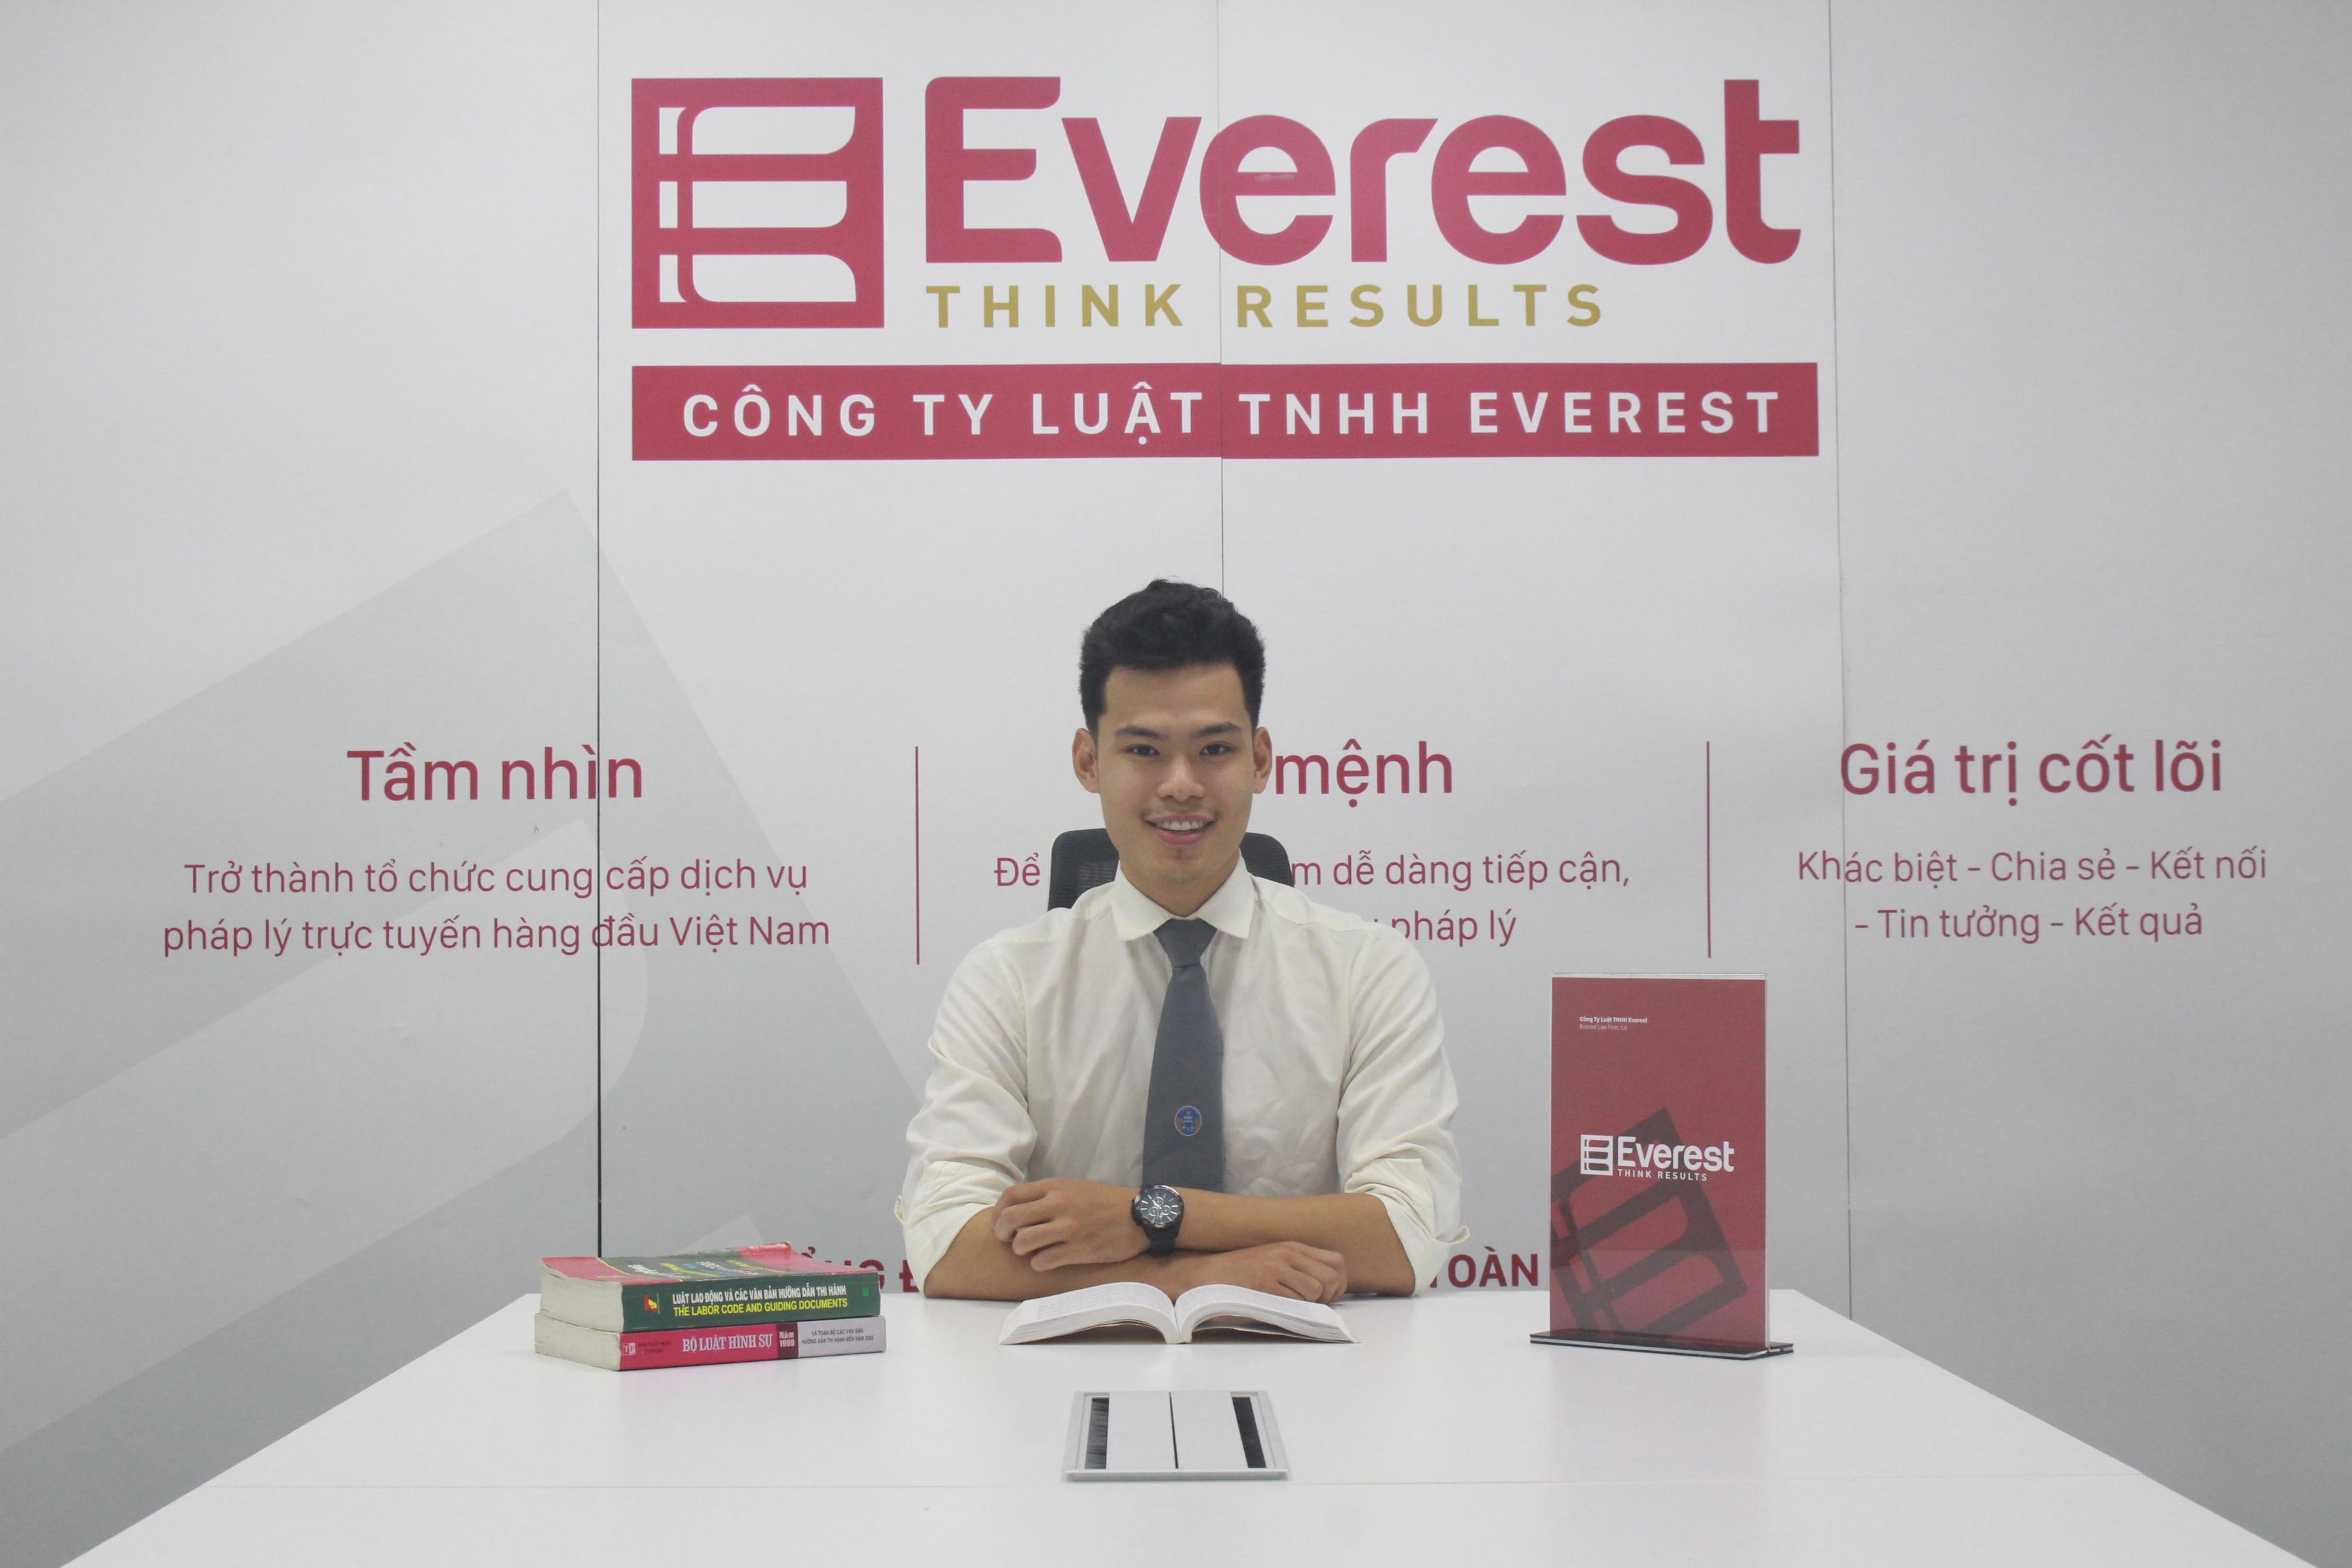 Luật gia Trần Minh Ngọc - Công ty Luật TNHH Everest - Tổng đài tư vấn (24/7): 1900 6198